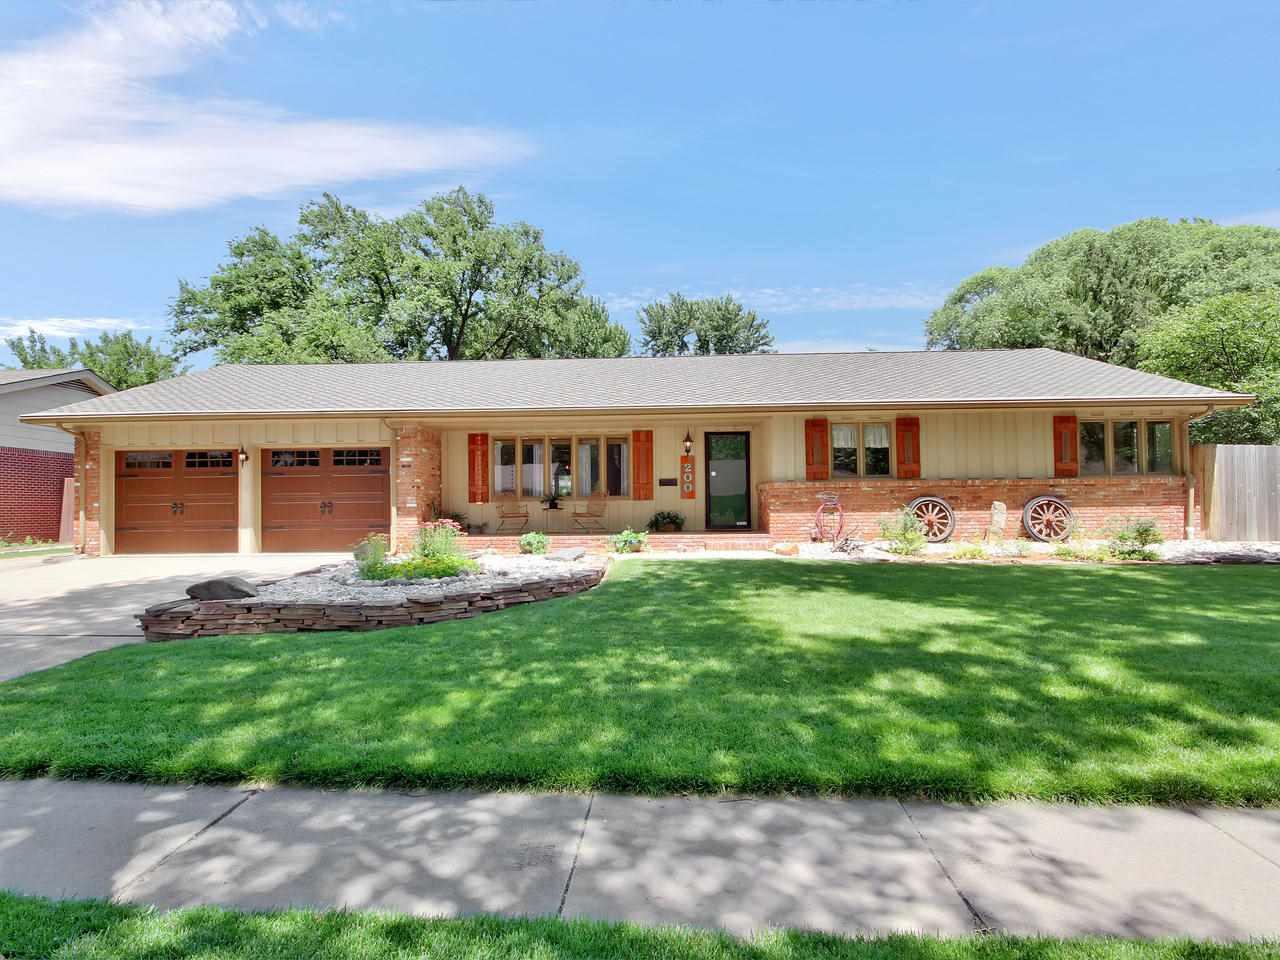 200 N Post Oak Rd, Wichita, KS, 67206